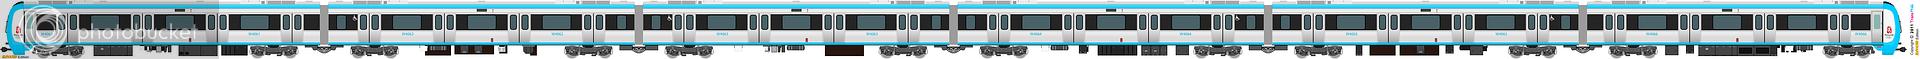 [5306] 北京市地鉄 2306